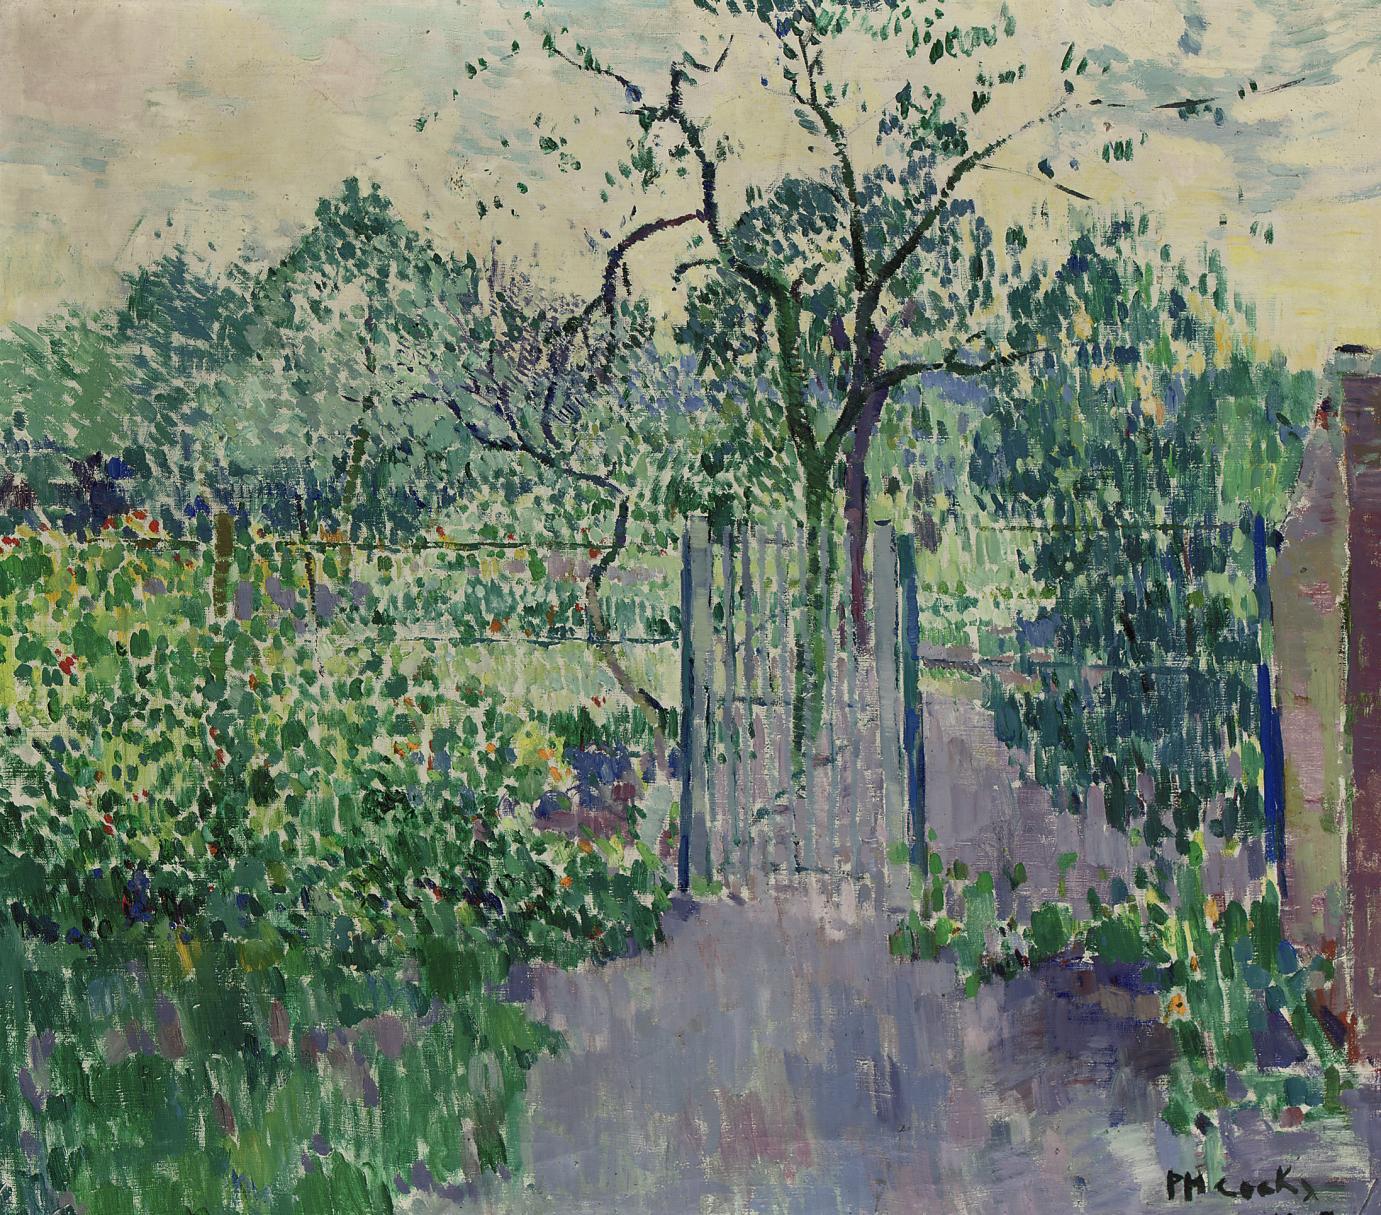 Le jardin: The Garden